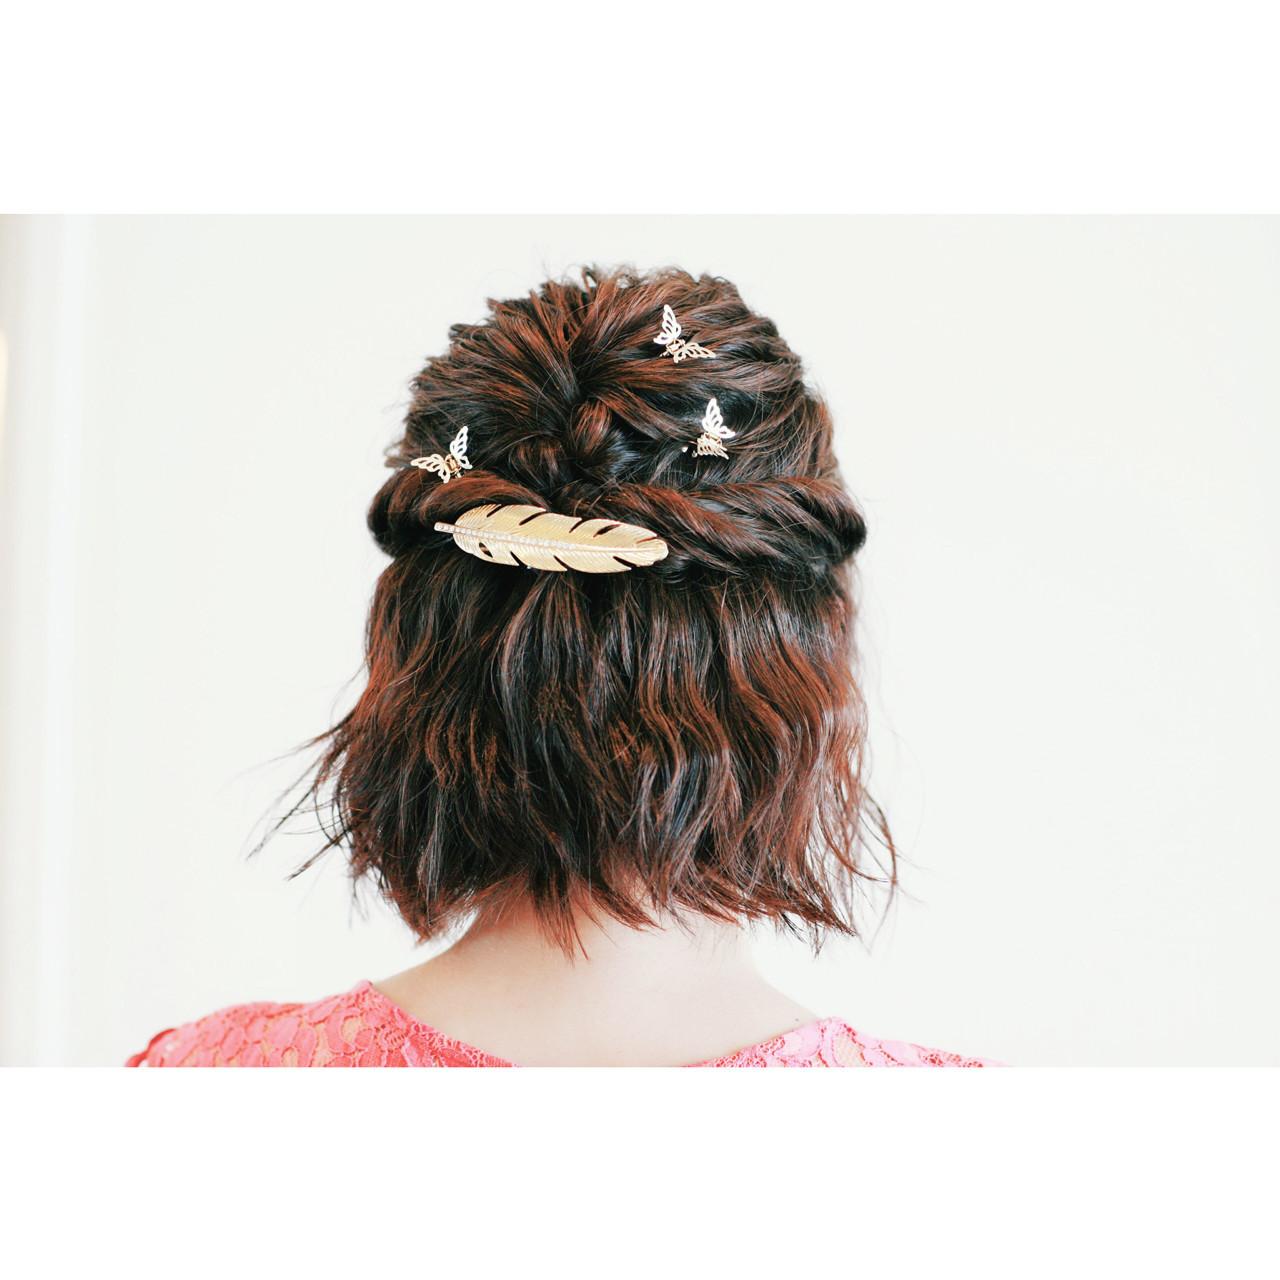 ハーフアップ ボブ ヘアアレンジ 波ウェーブ ヘアスタイルや髪型の写真・画像